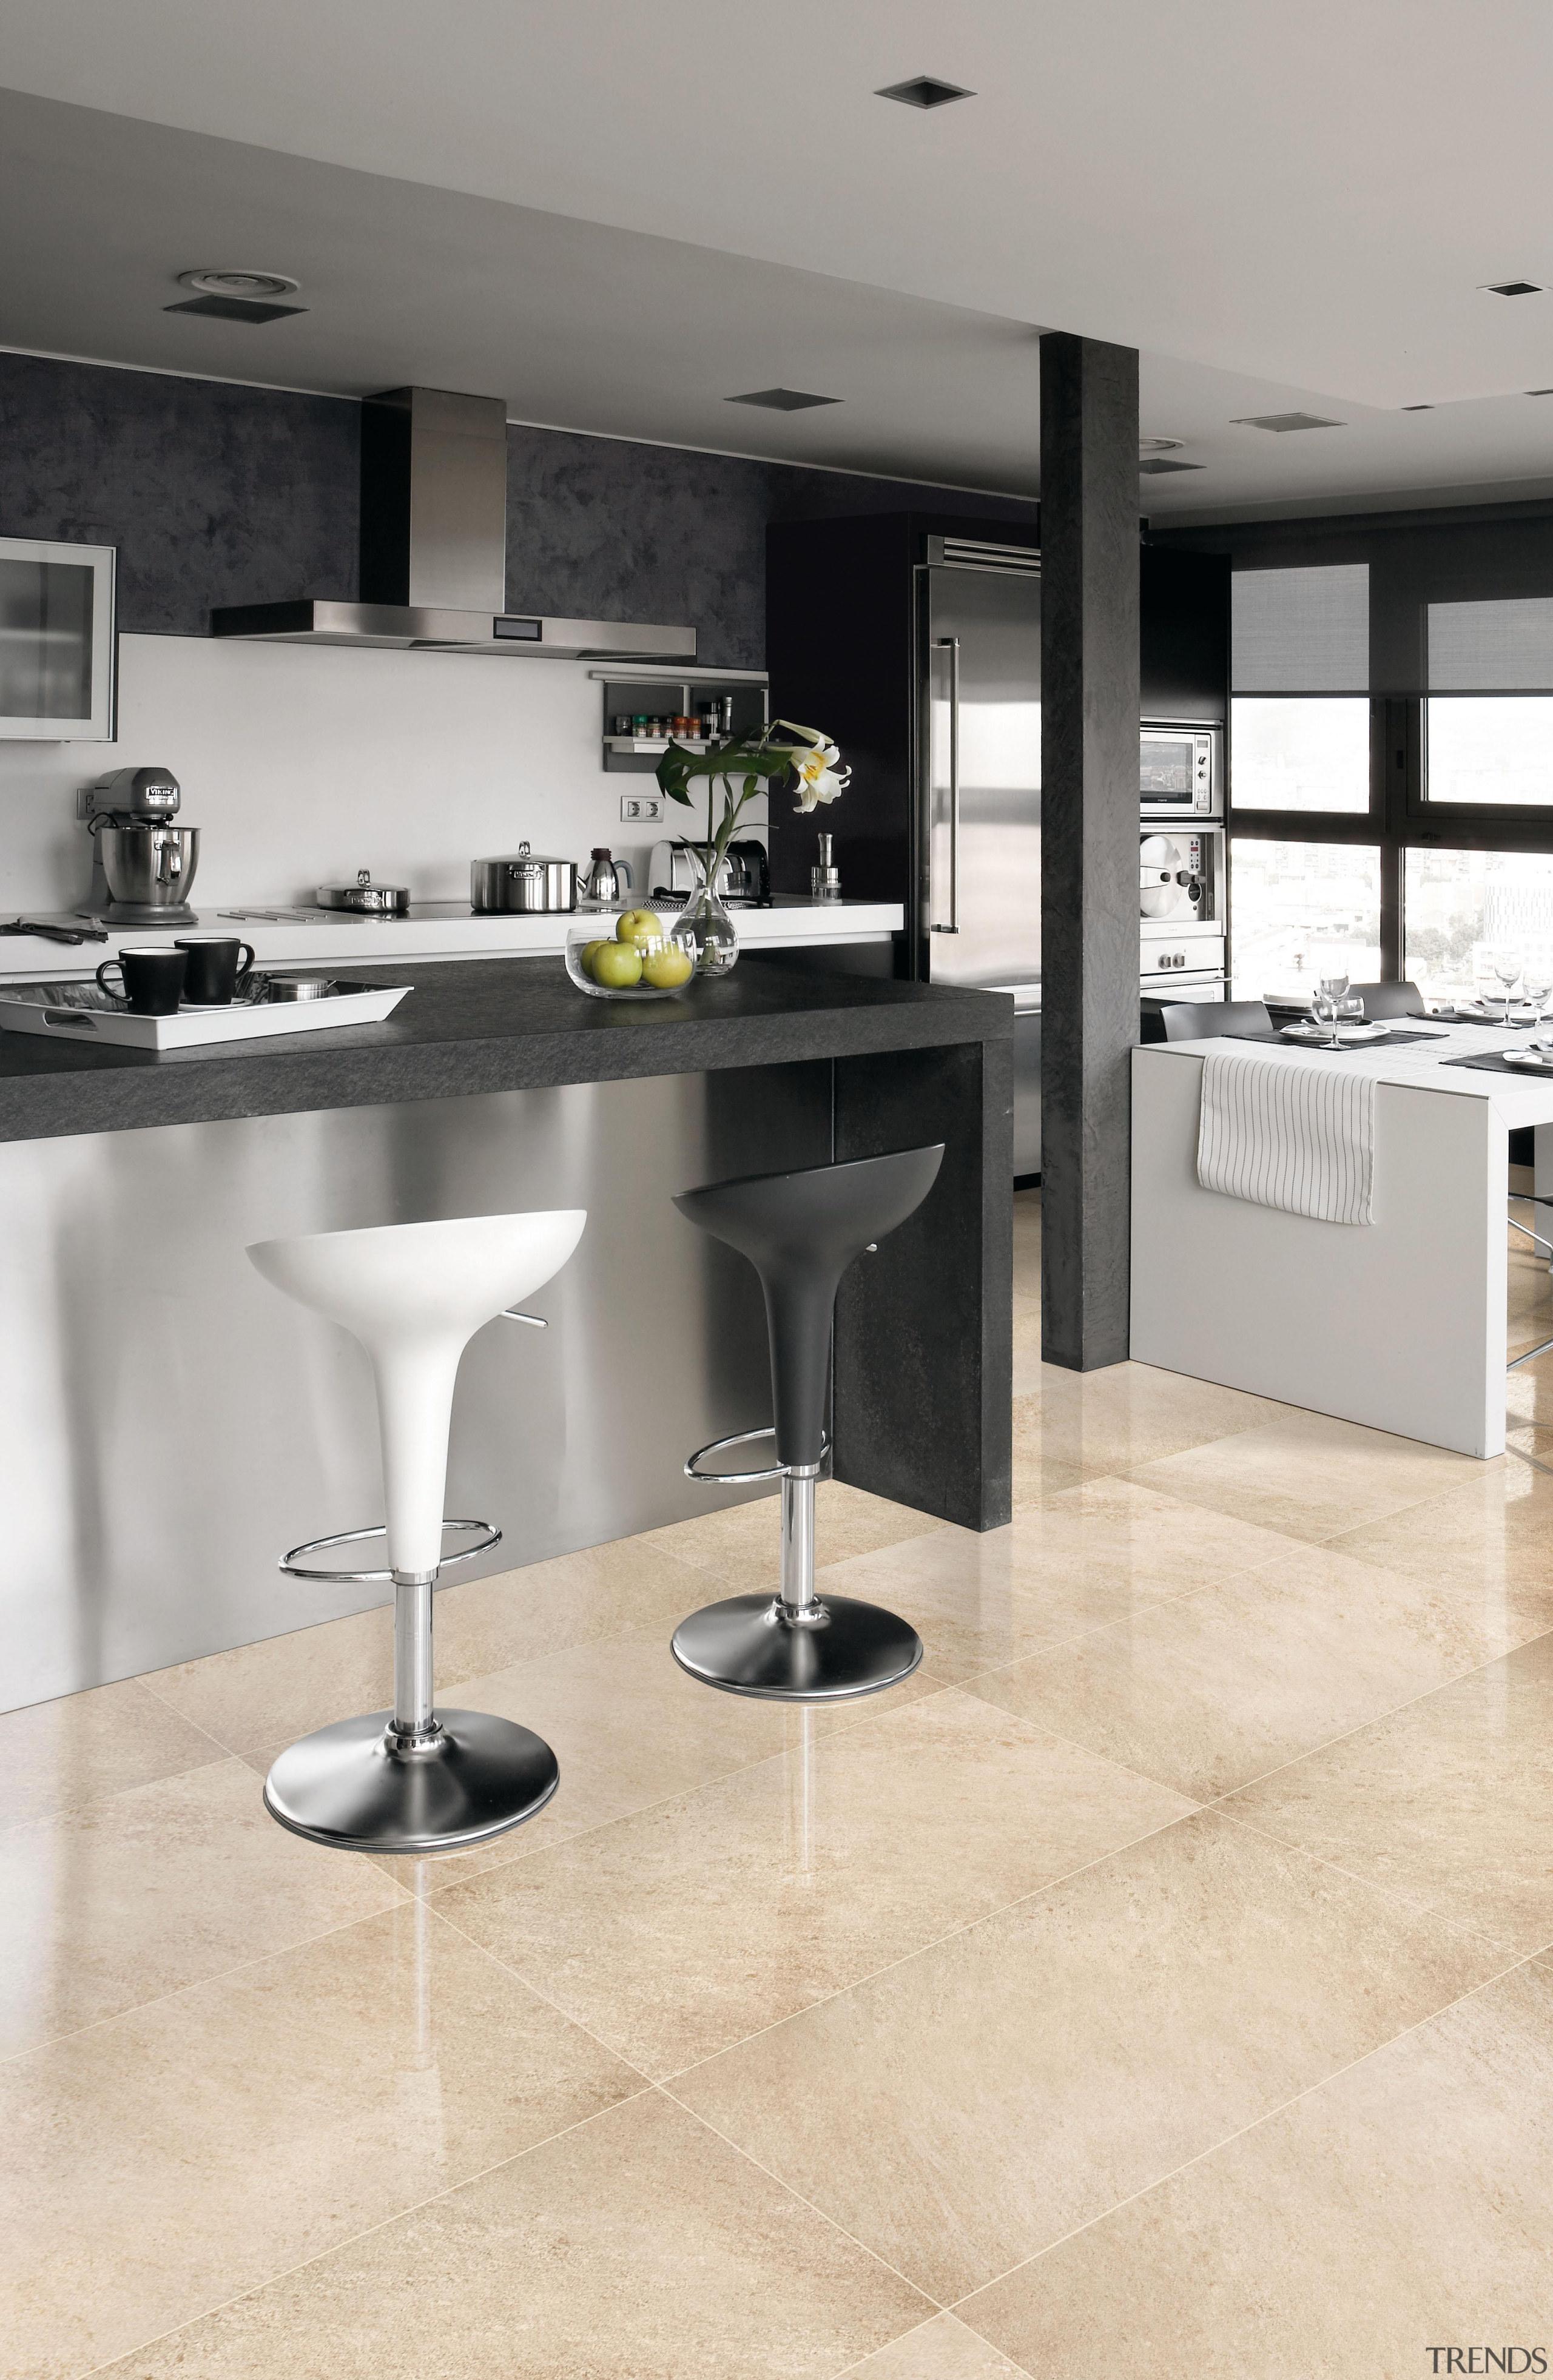 Beige kitchen floor. - Riviera Range - countertop countertop, floor, flooring, hardwood, interior design, kitchen, laminate flooring, product design, tile, wood flooring, gray